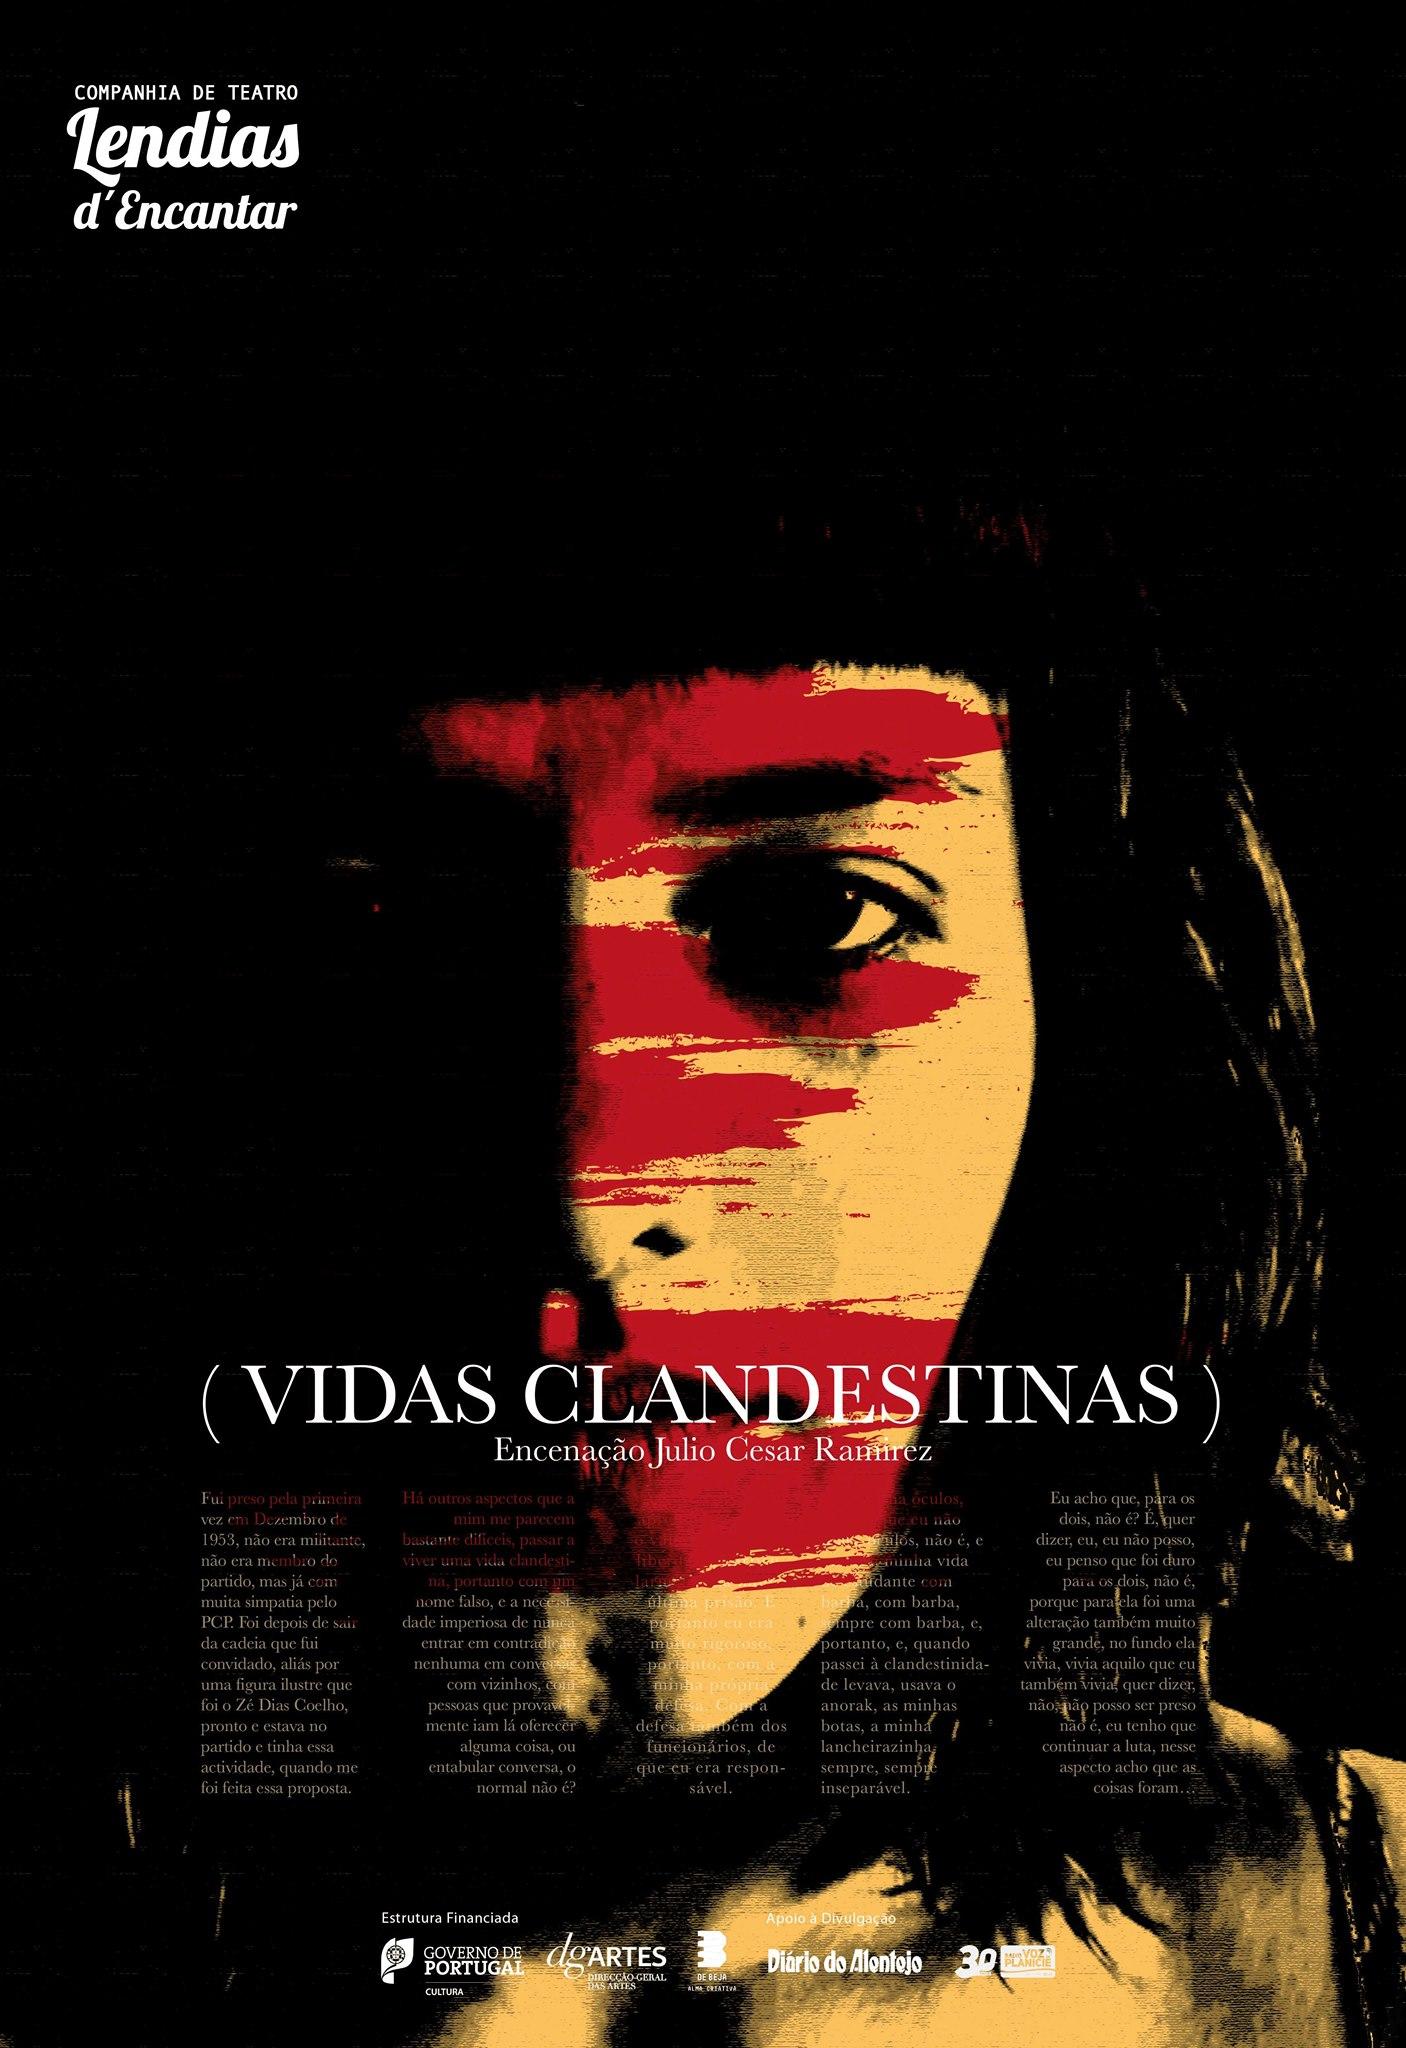 Vidas Clandestinas - TEmporada TEatral na Póvoa de Varzim